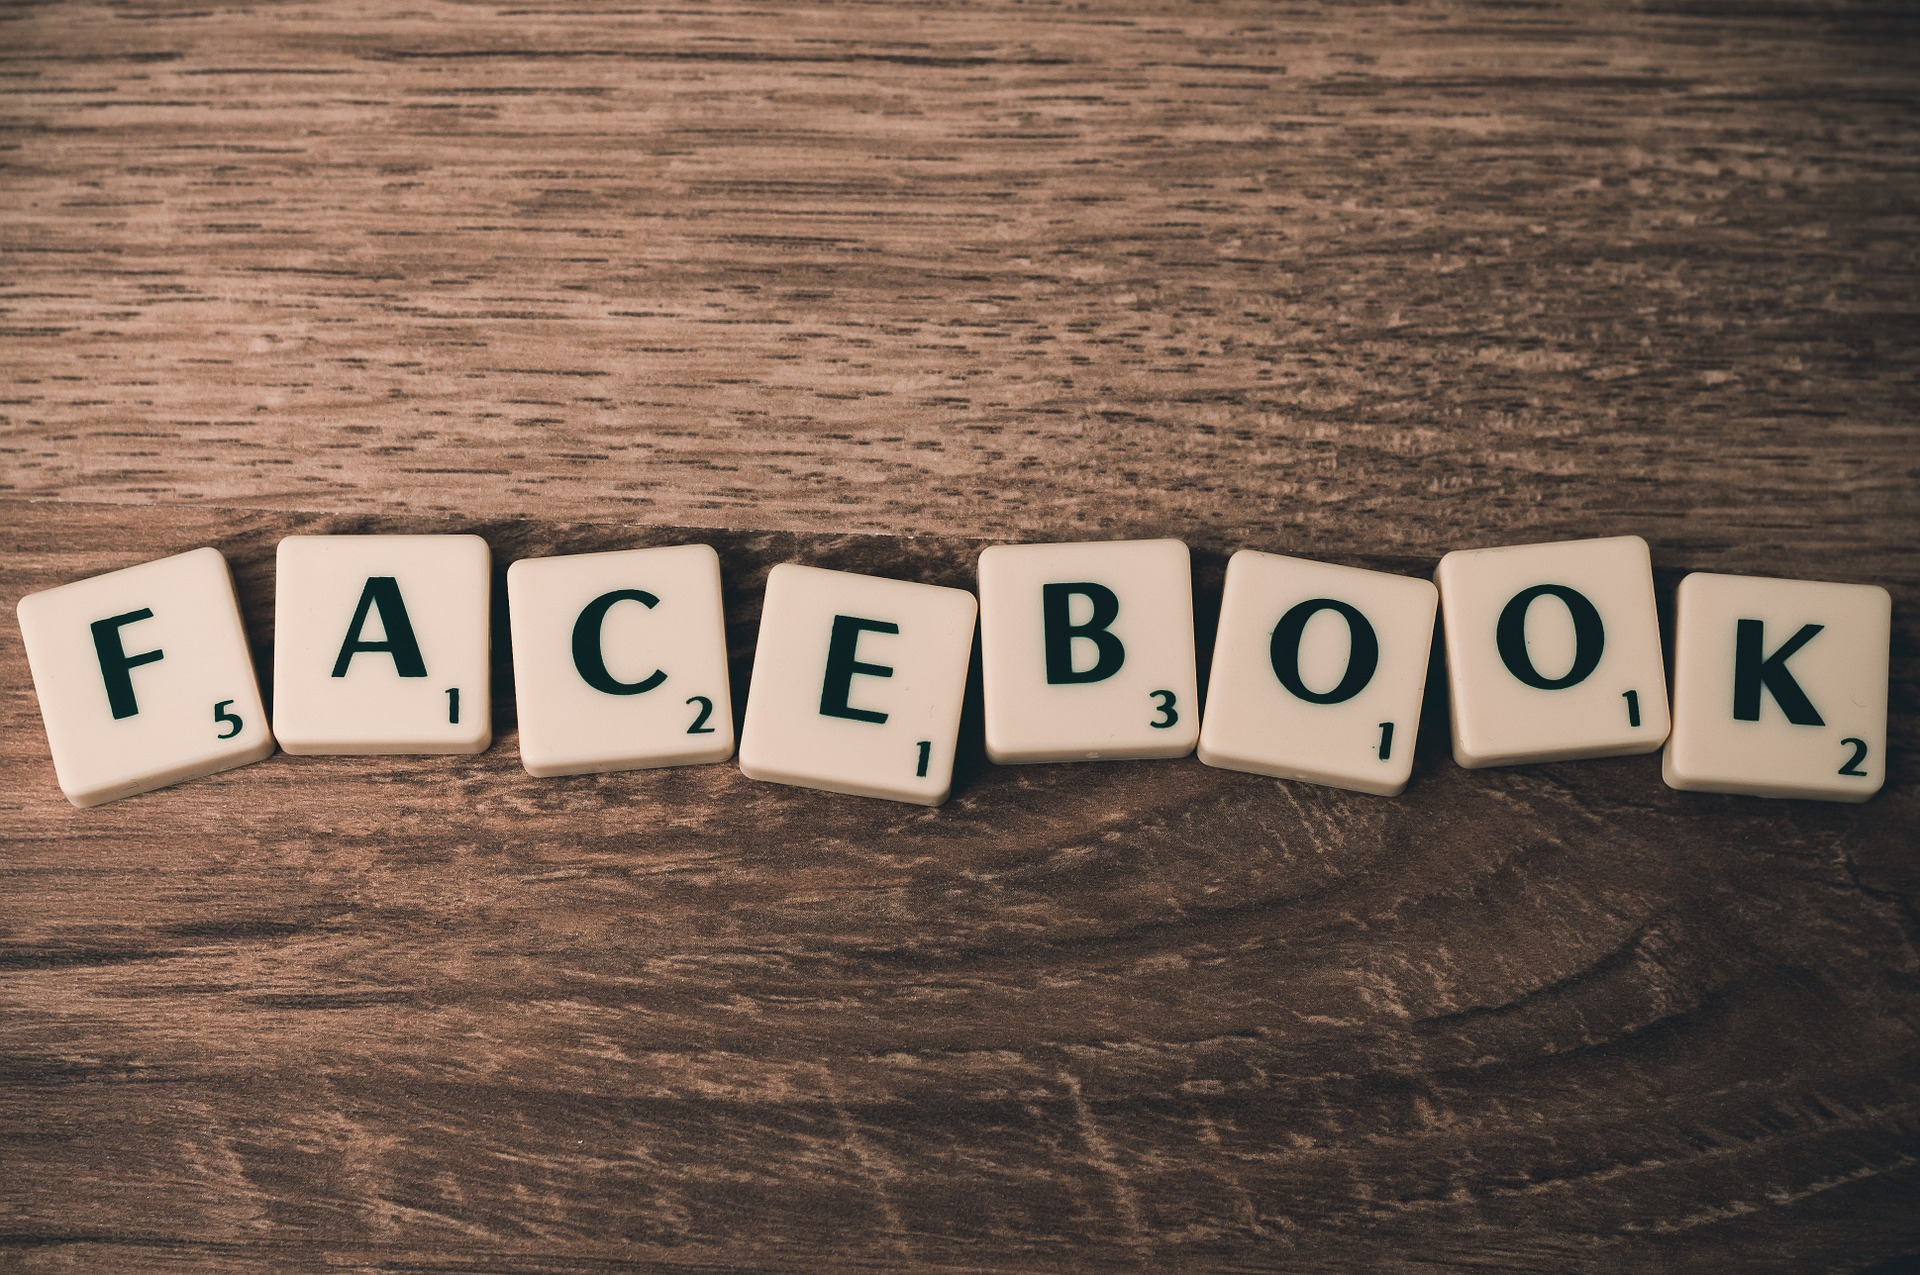 Holztisch mit Scrabble Steinen auf die denen Facebook steht